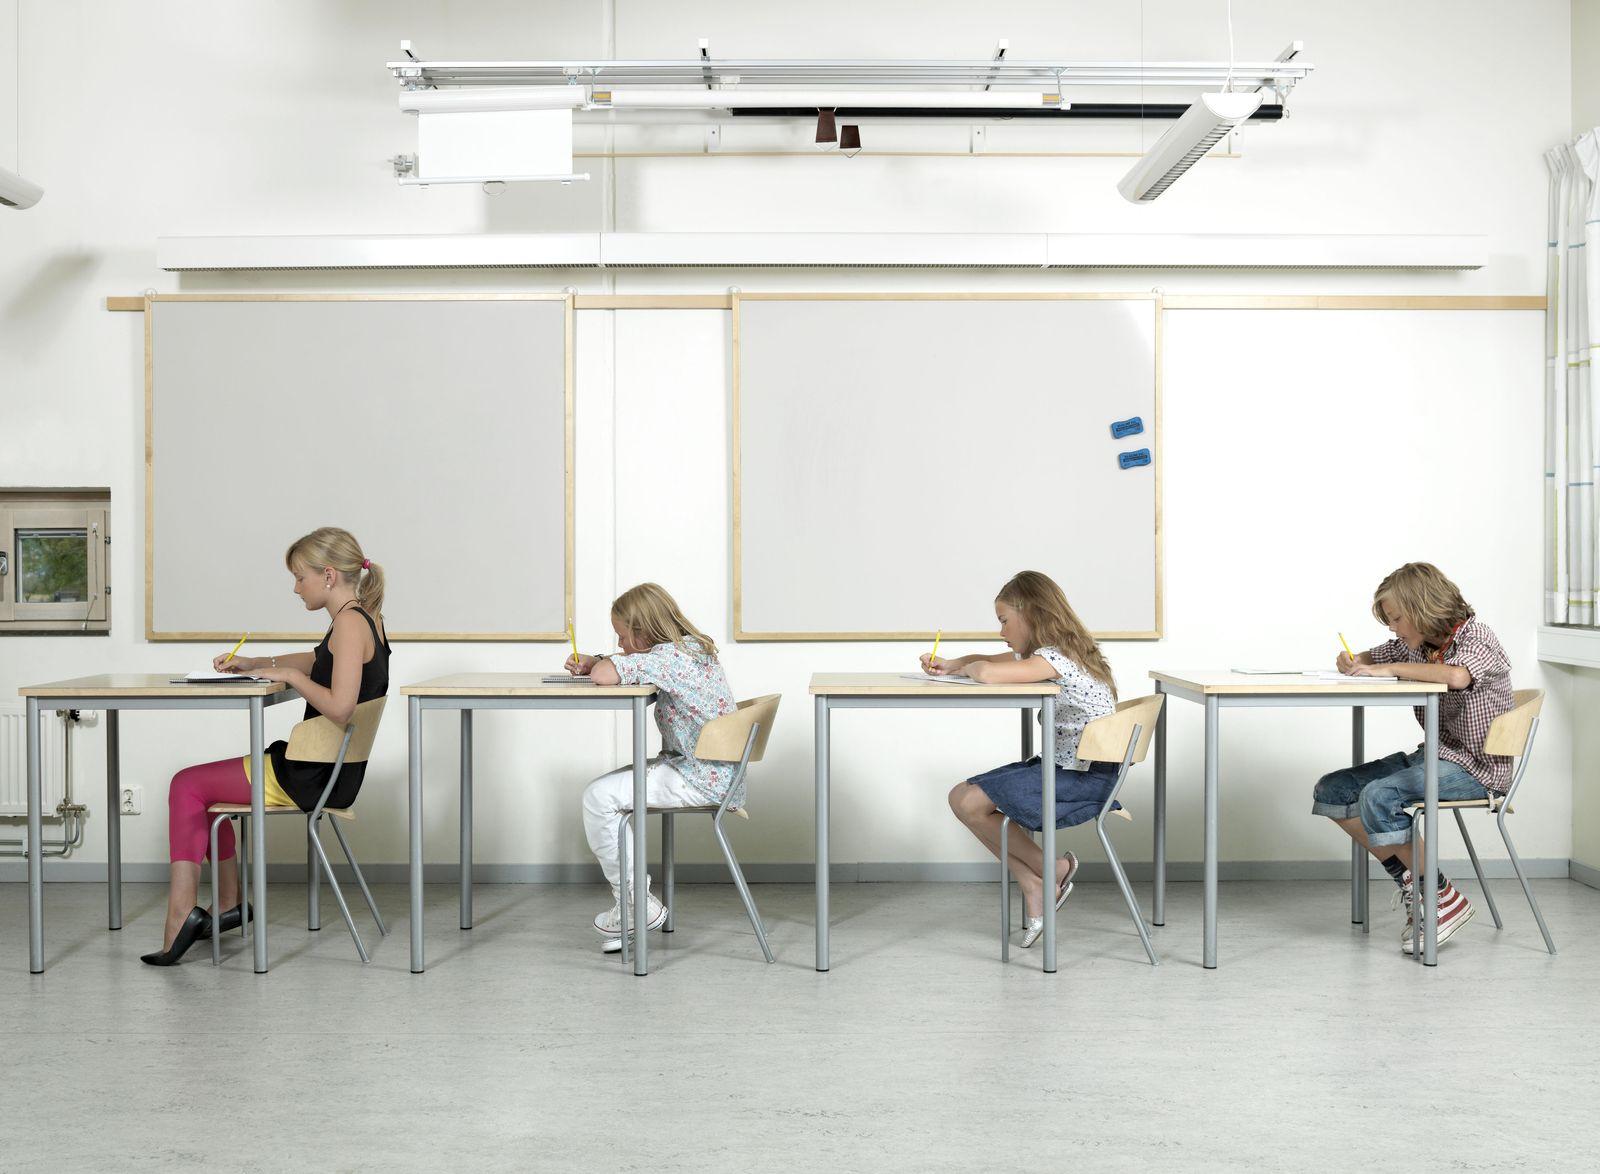 Schülerinnen im Klassenraum/ Schweden/ Göteborg